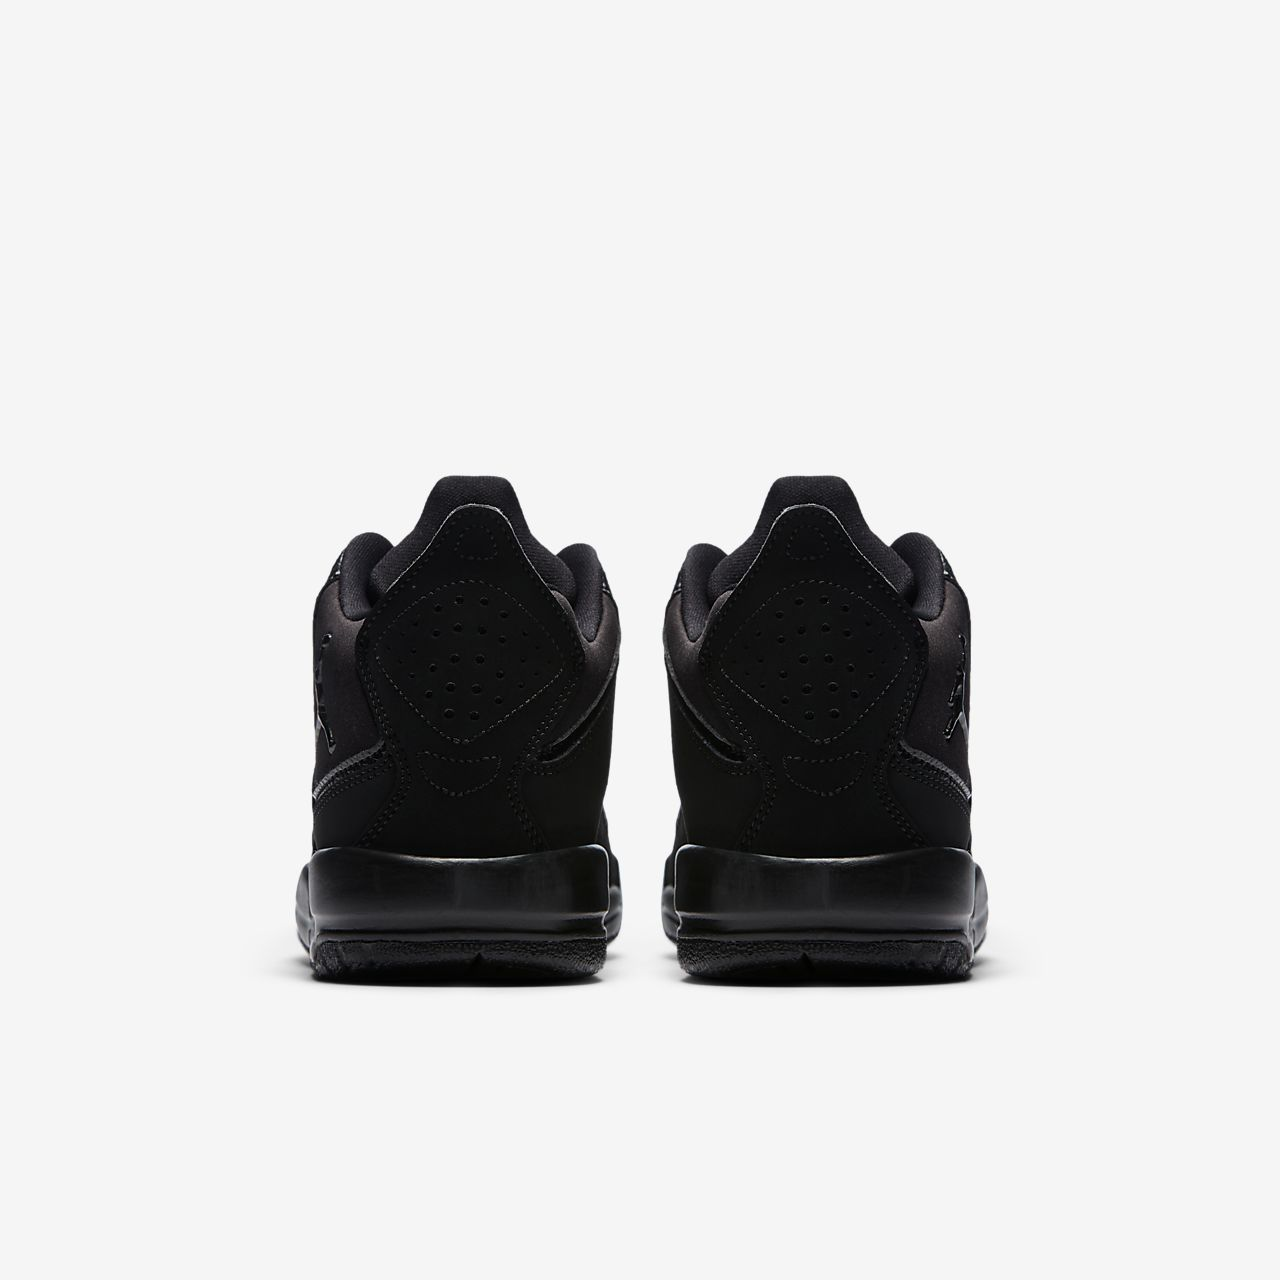 hot sale online 2a182 dbd19 ... Jordan Courtside 23 Older Kids  Shoe